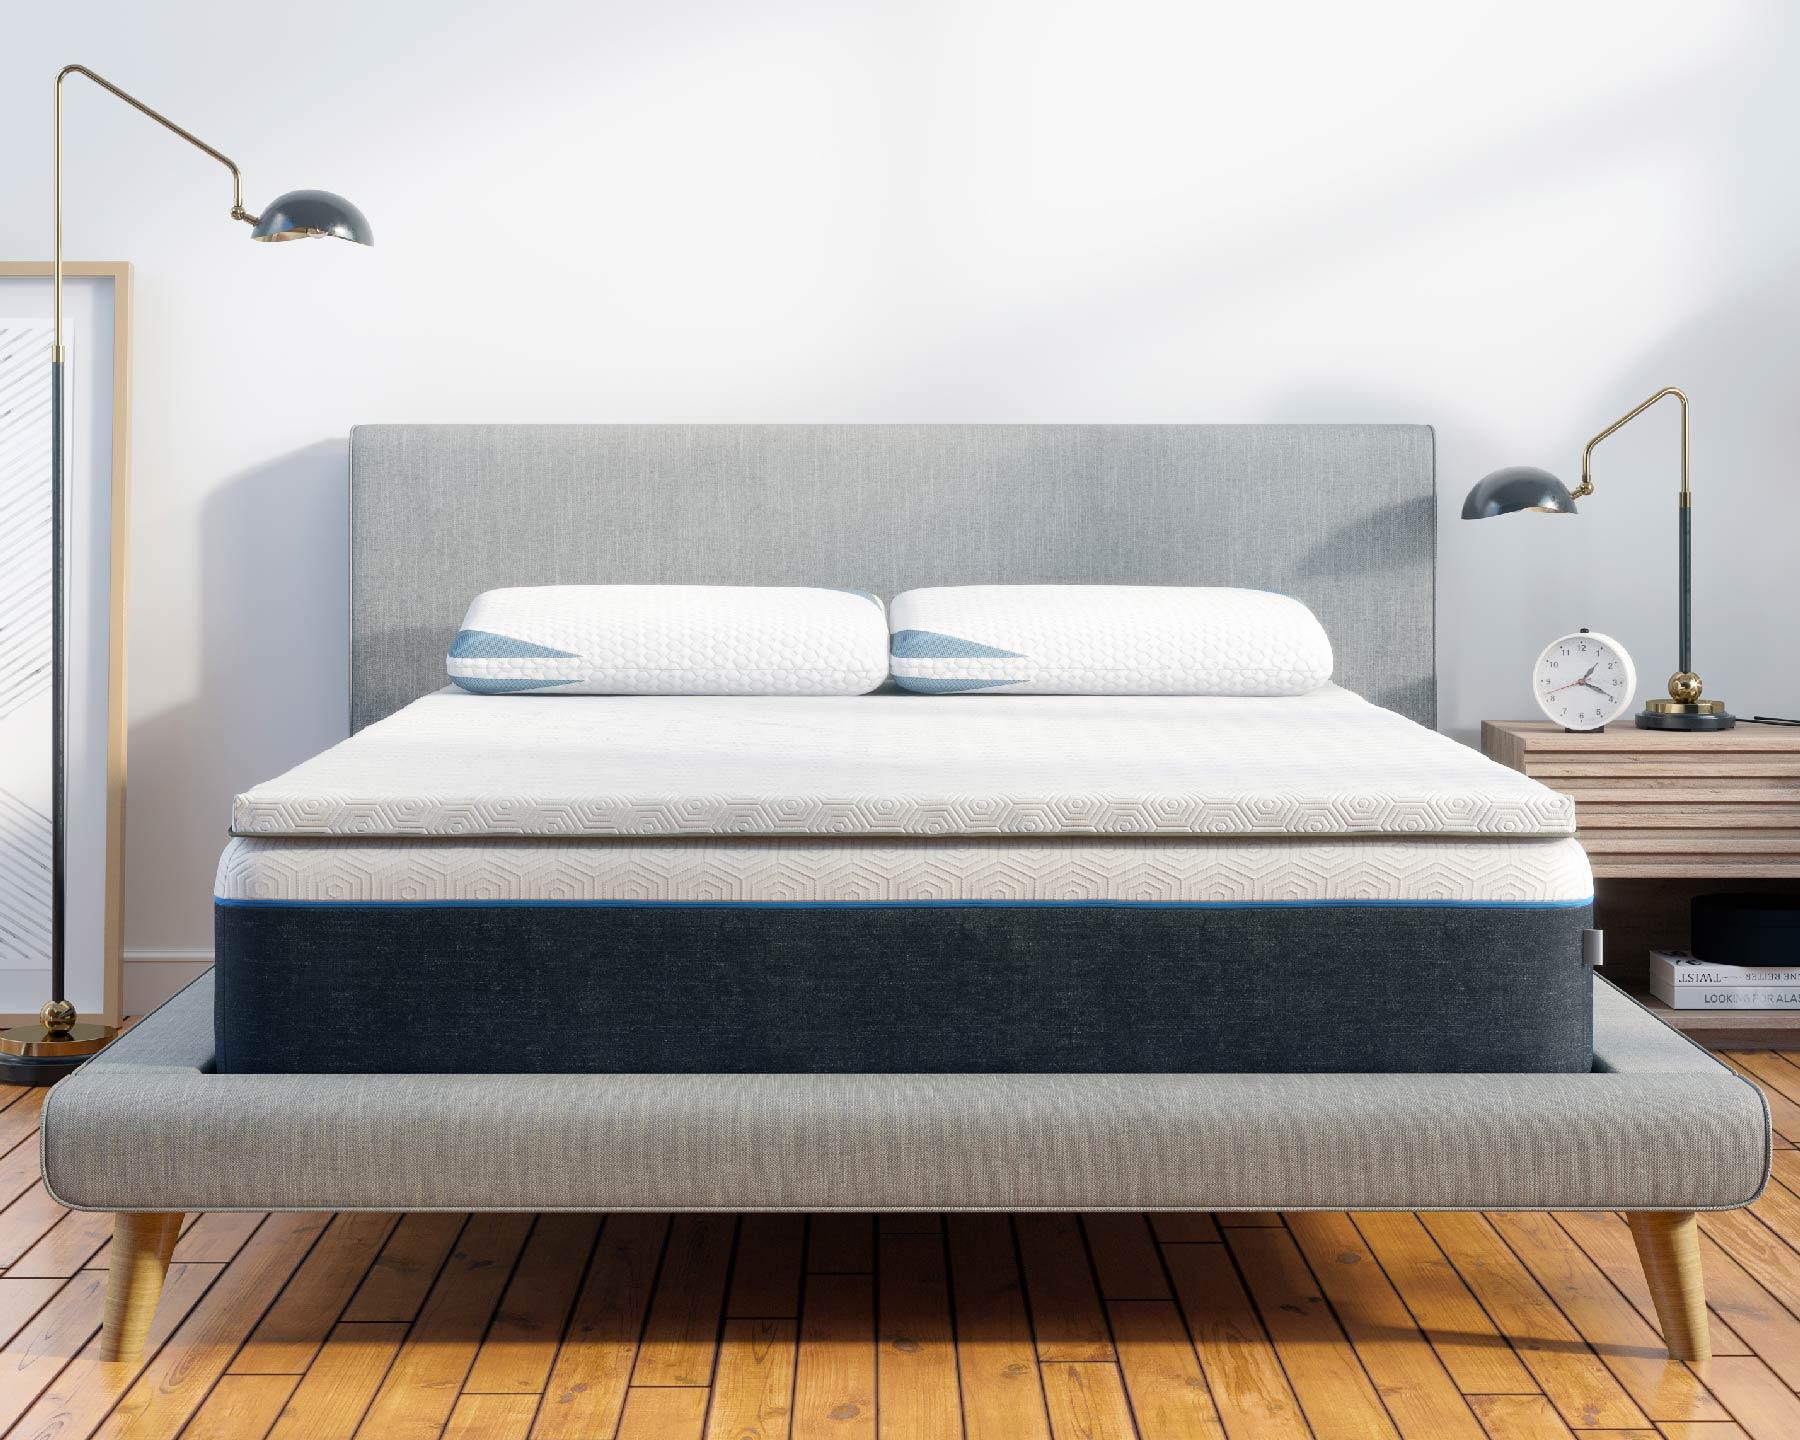 celiant technology mattress topper